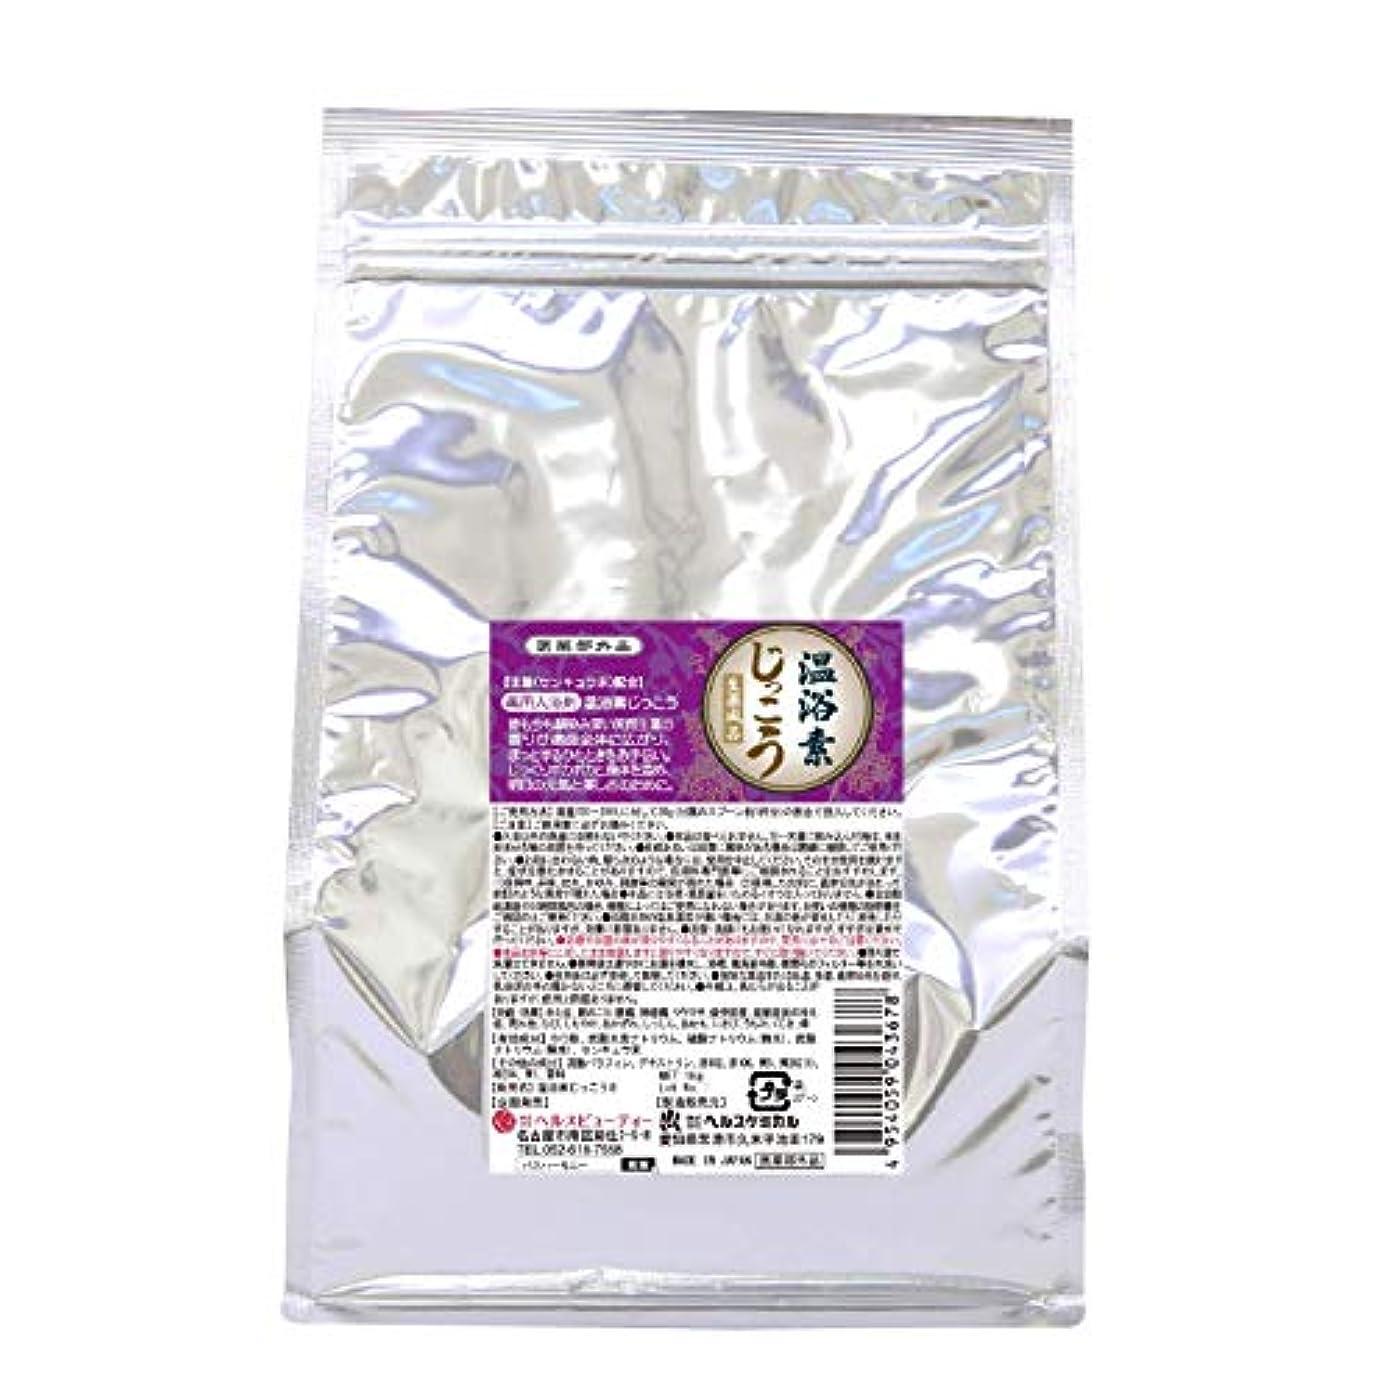 小道時代光沢のある入浴剤 湯匠仕込 温浴素じっこう 生薬 薬湯 1kg 50回分 お徳用 医薬部外品